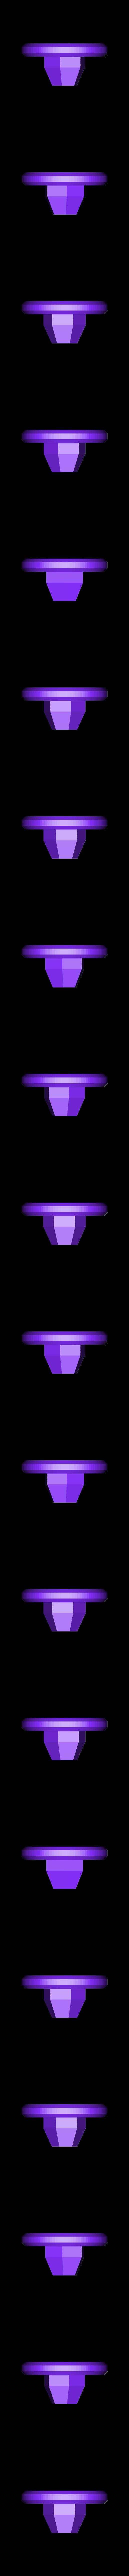 wall_lamp_bulb_holder_large.stl Télécharger fichier STL gratuit Lampe industrielle à bocal • Design à imprimer en 3D, poblocki1982